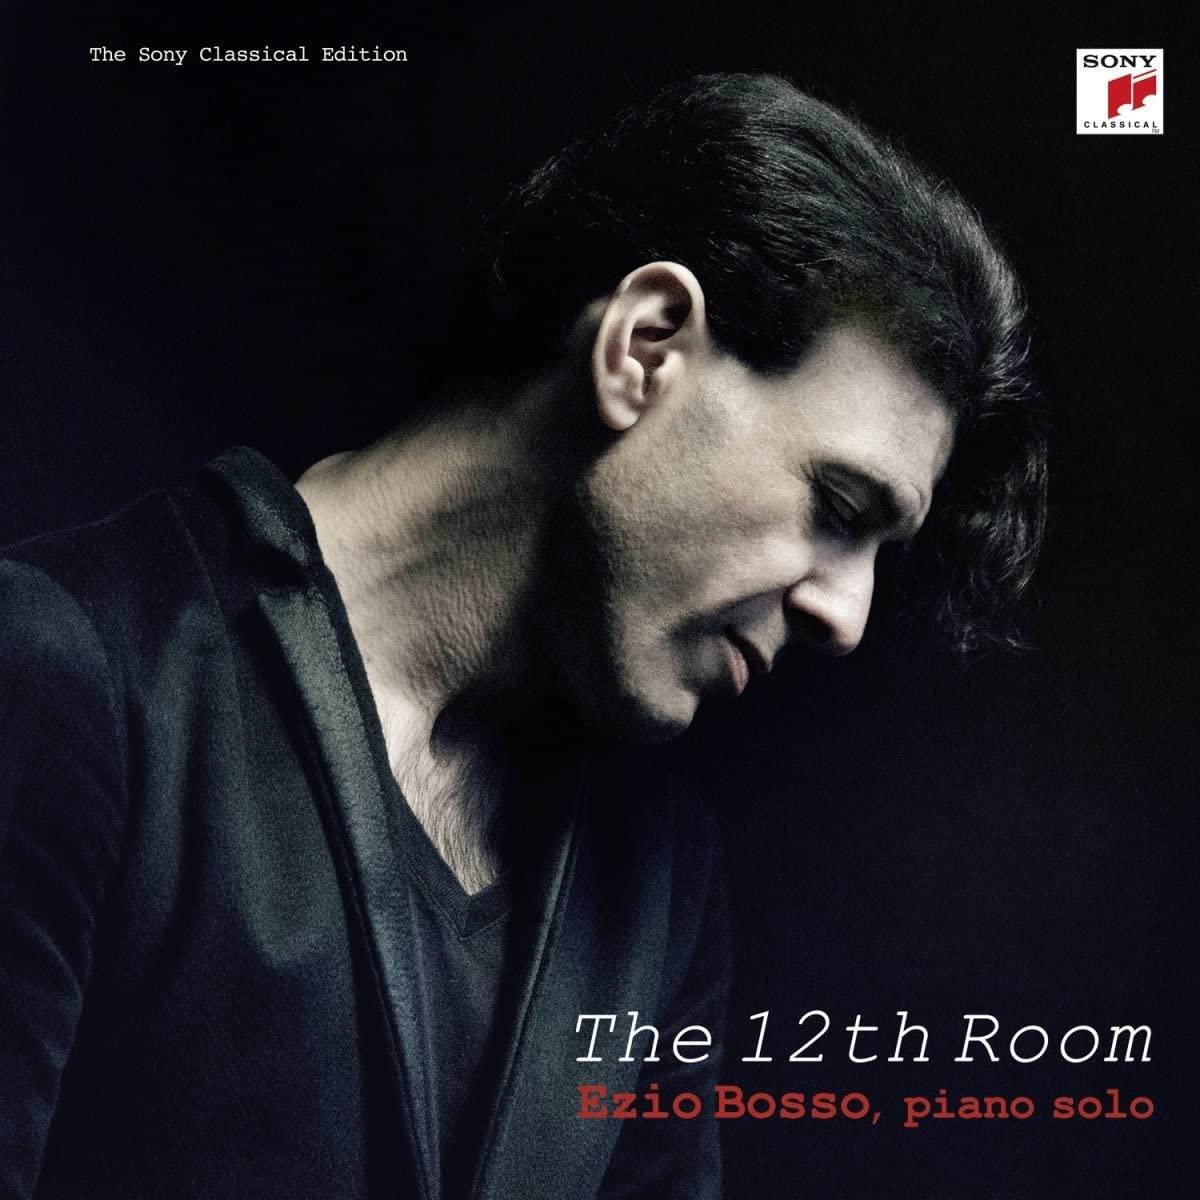 Copertina Vinile 33 giri The 12th Room [3 LP] di Ezio Bosso